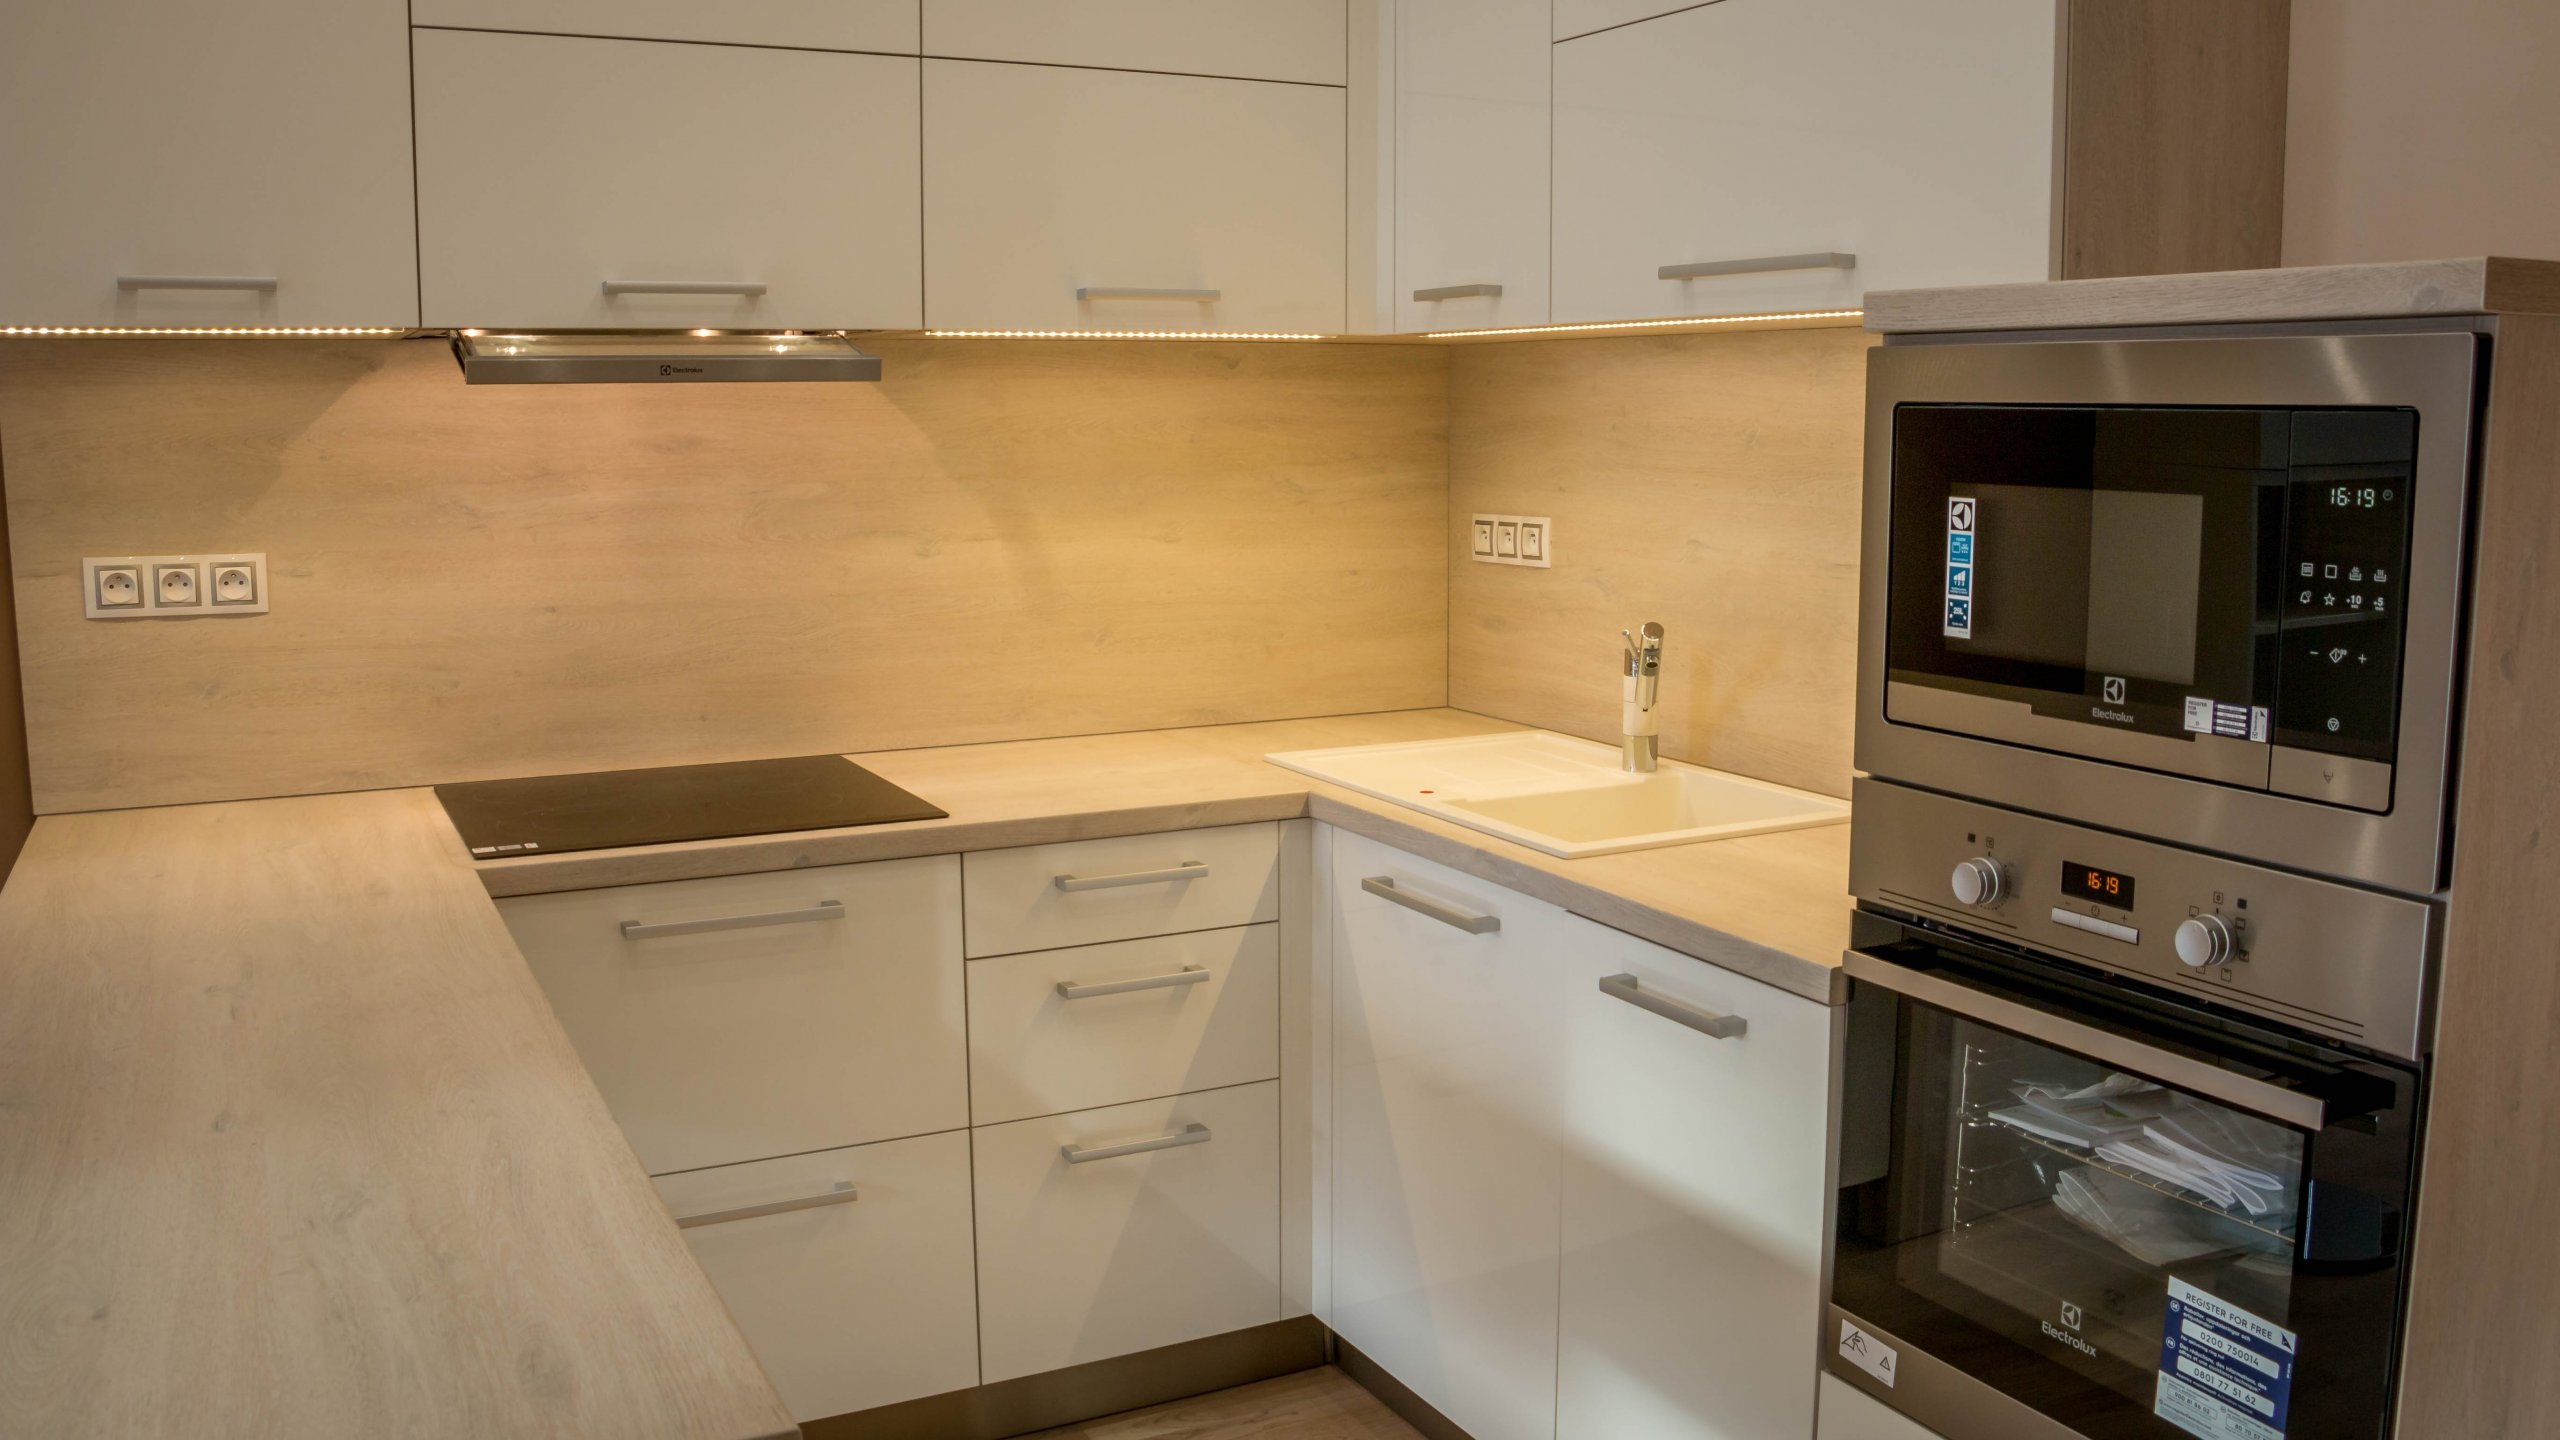 Garsonka pro mladou slečnu, jež splňuje základní nároky na moderní bydlení. Najdete zde na malém prostoru, kuchyň, jídelnu, pracovní kout, obývací část tak i…